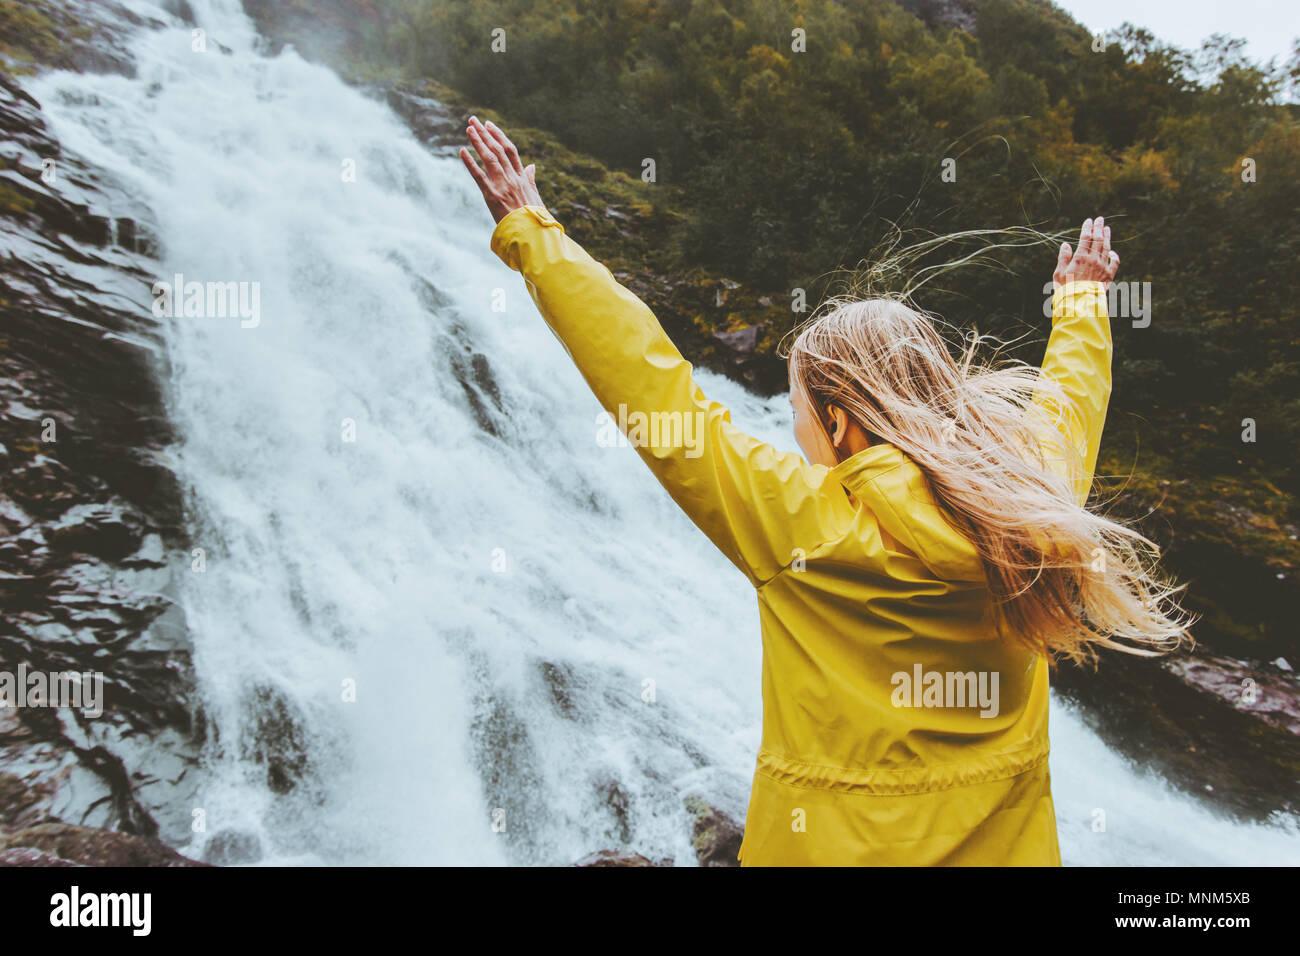 Reisende Frau erhobenen Händen genießen Wasserfall Landschaft allein Reisen in das wilde Abenteuer Lebensstil in Harmonie mit der Natur begriff emotionale expre Stockbild